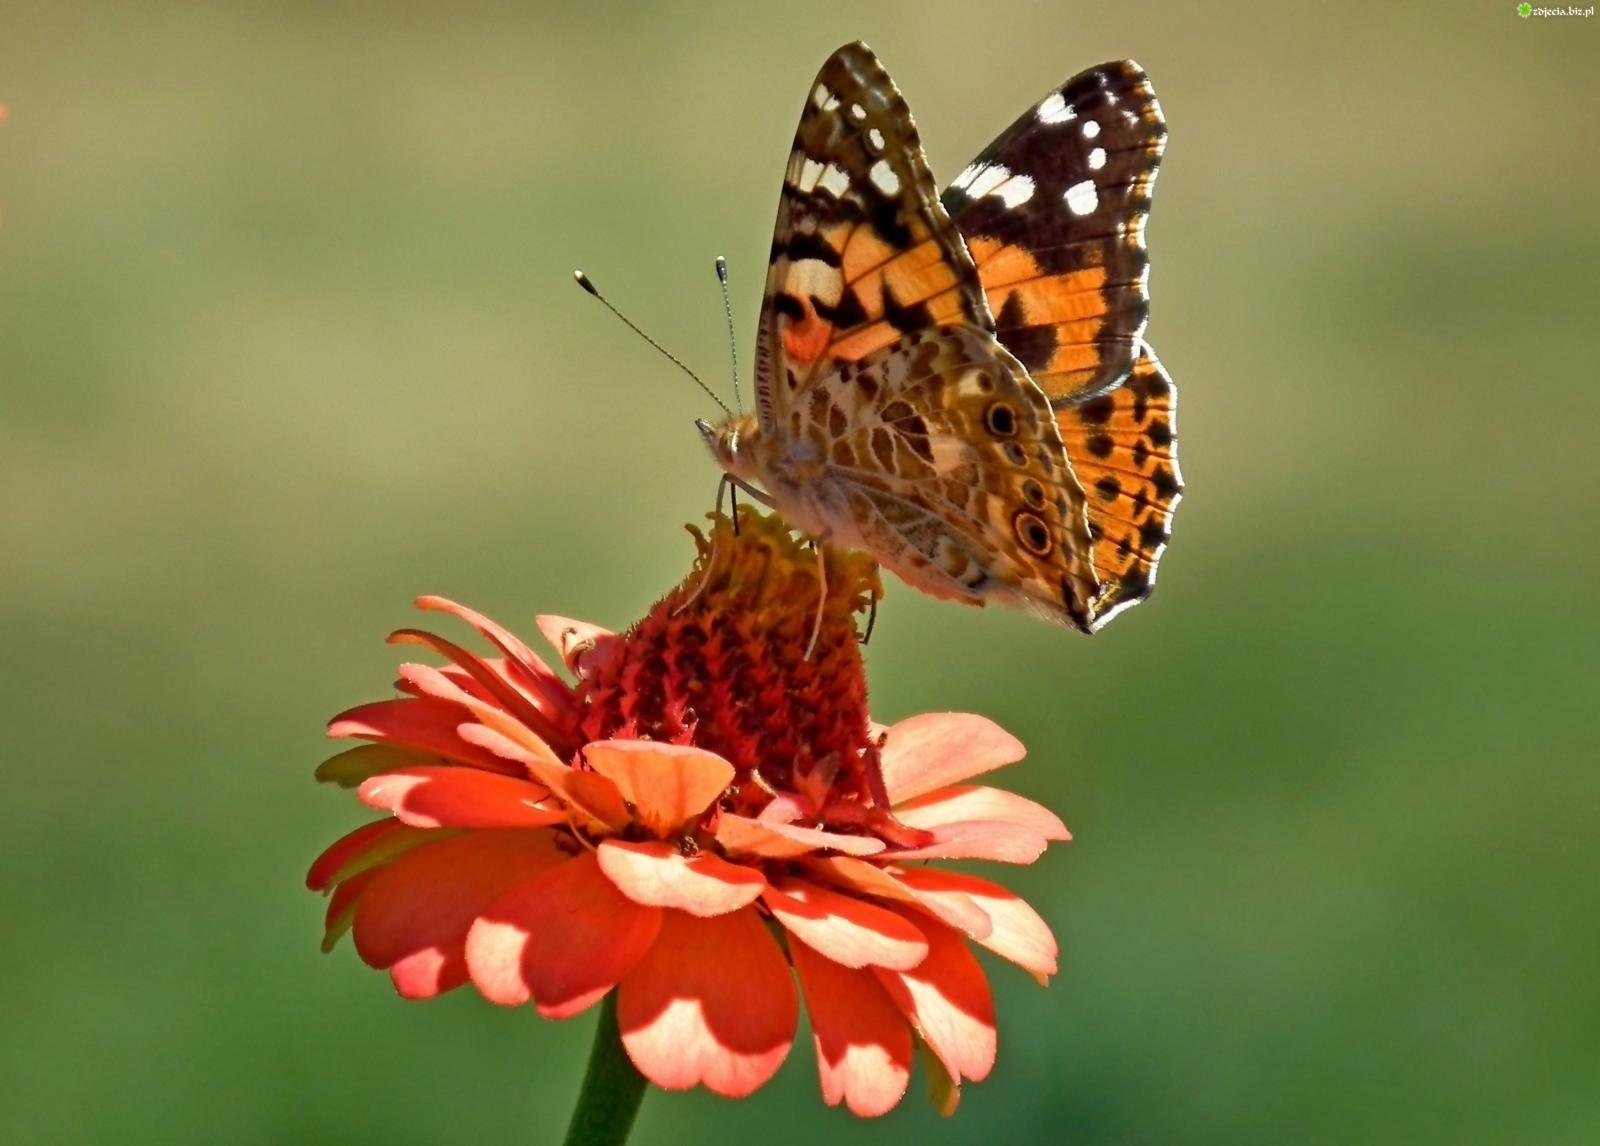 Nauka zdalna (08.06. - 12.06.2020r) - Motylki